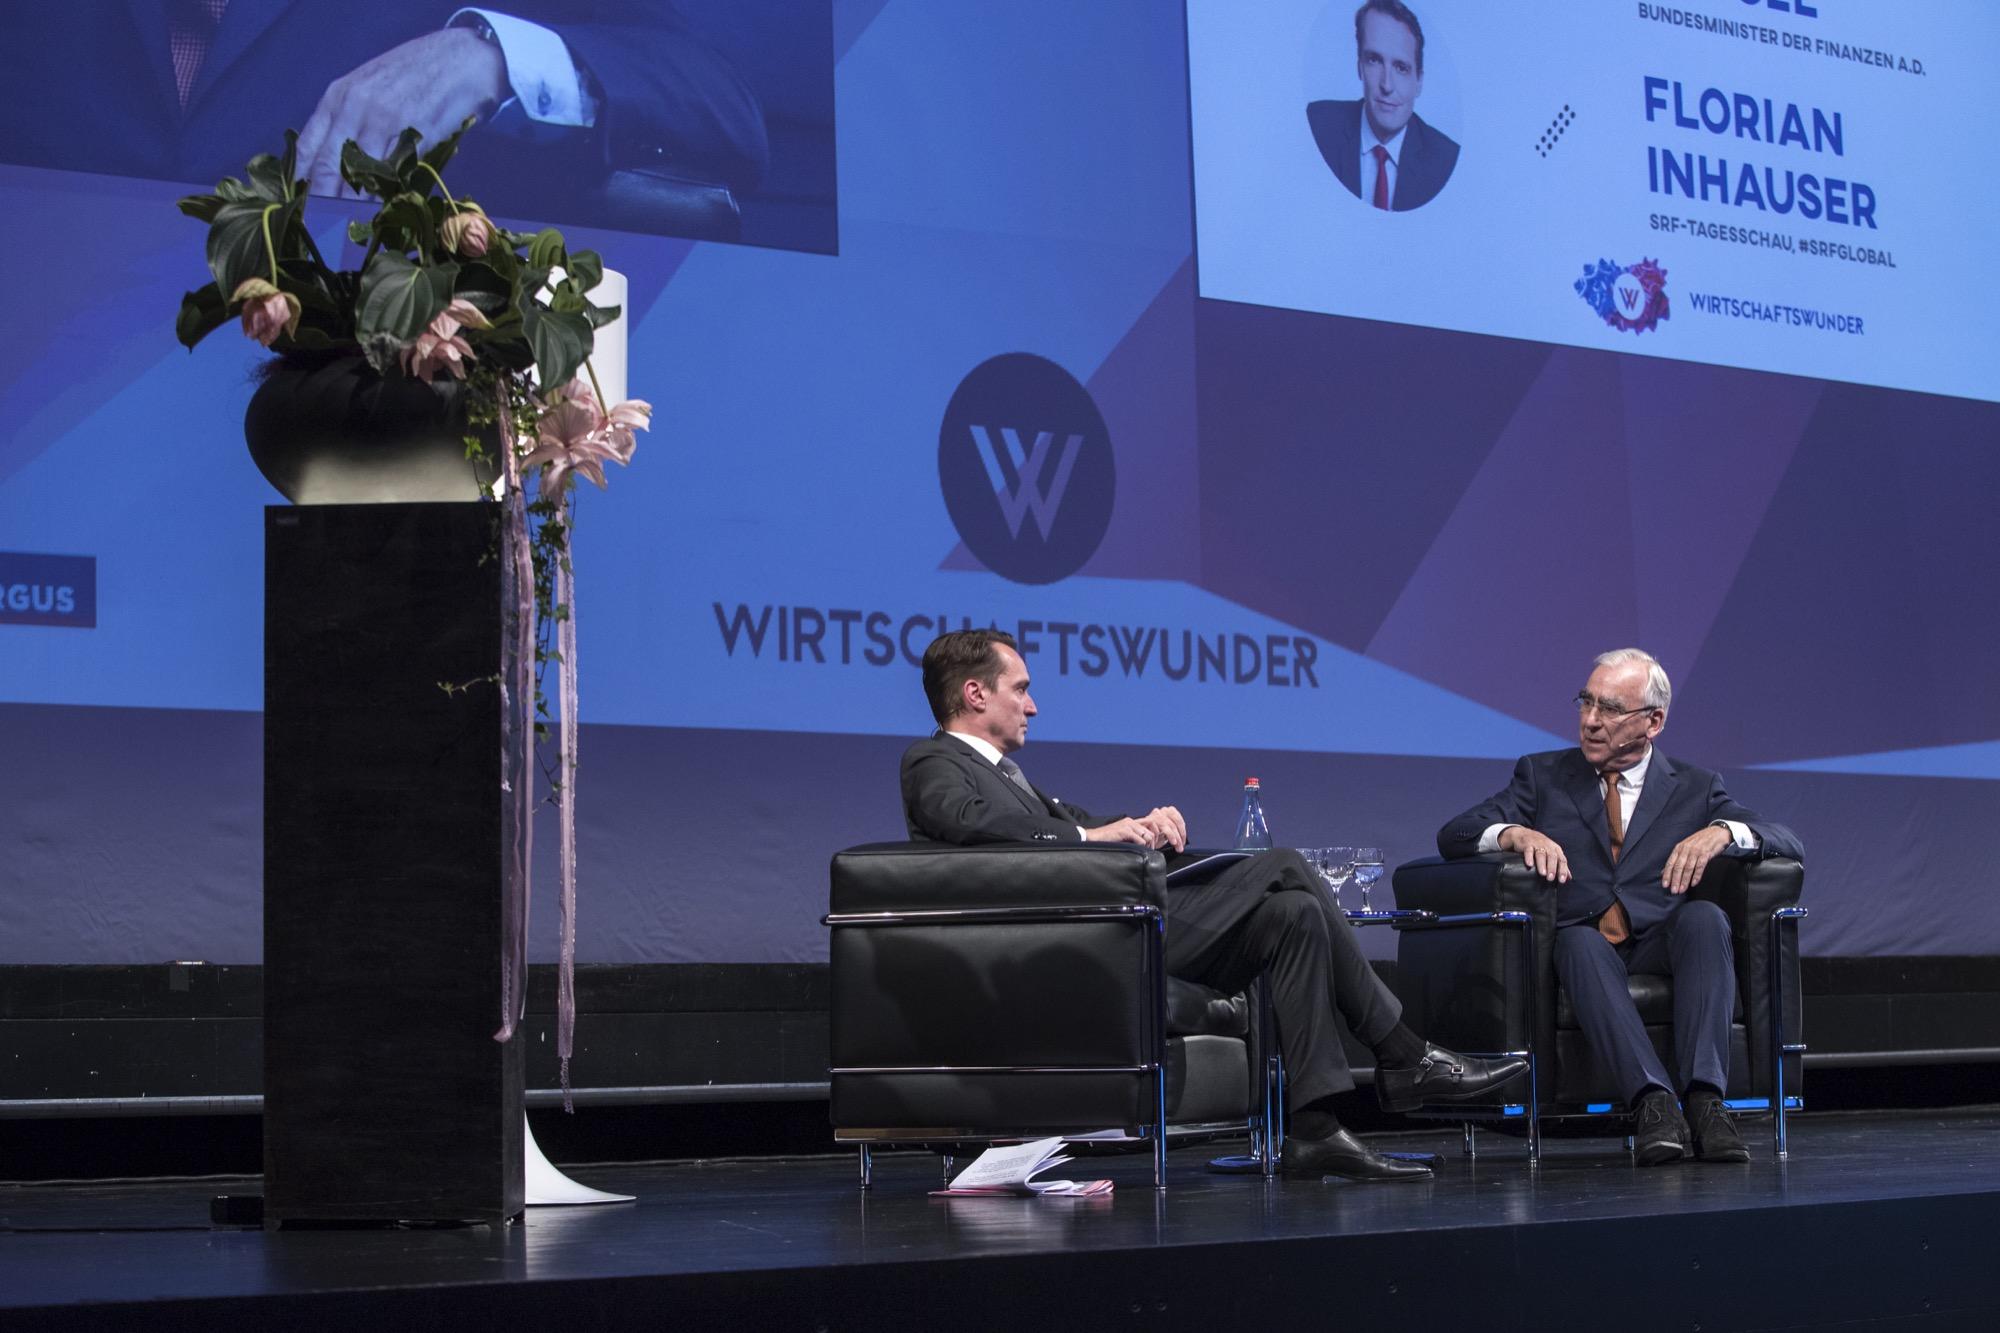 Zwei diskutierende sitzende Männer vor einer Leinwand